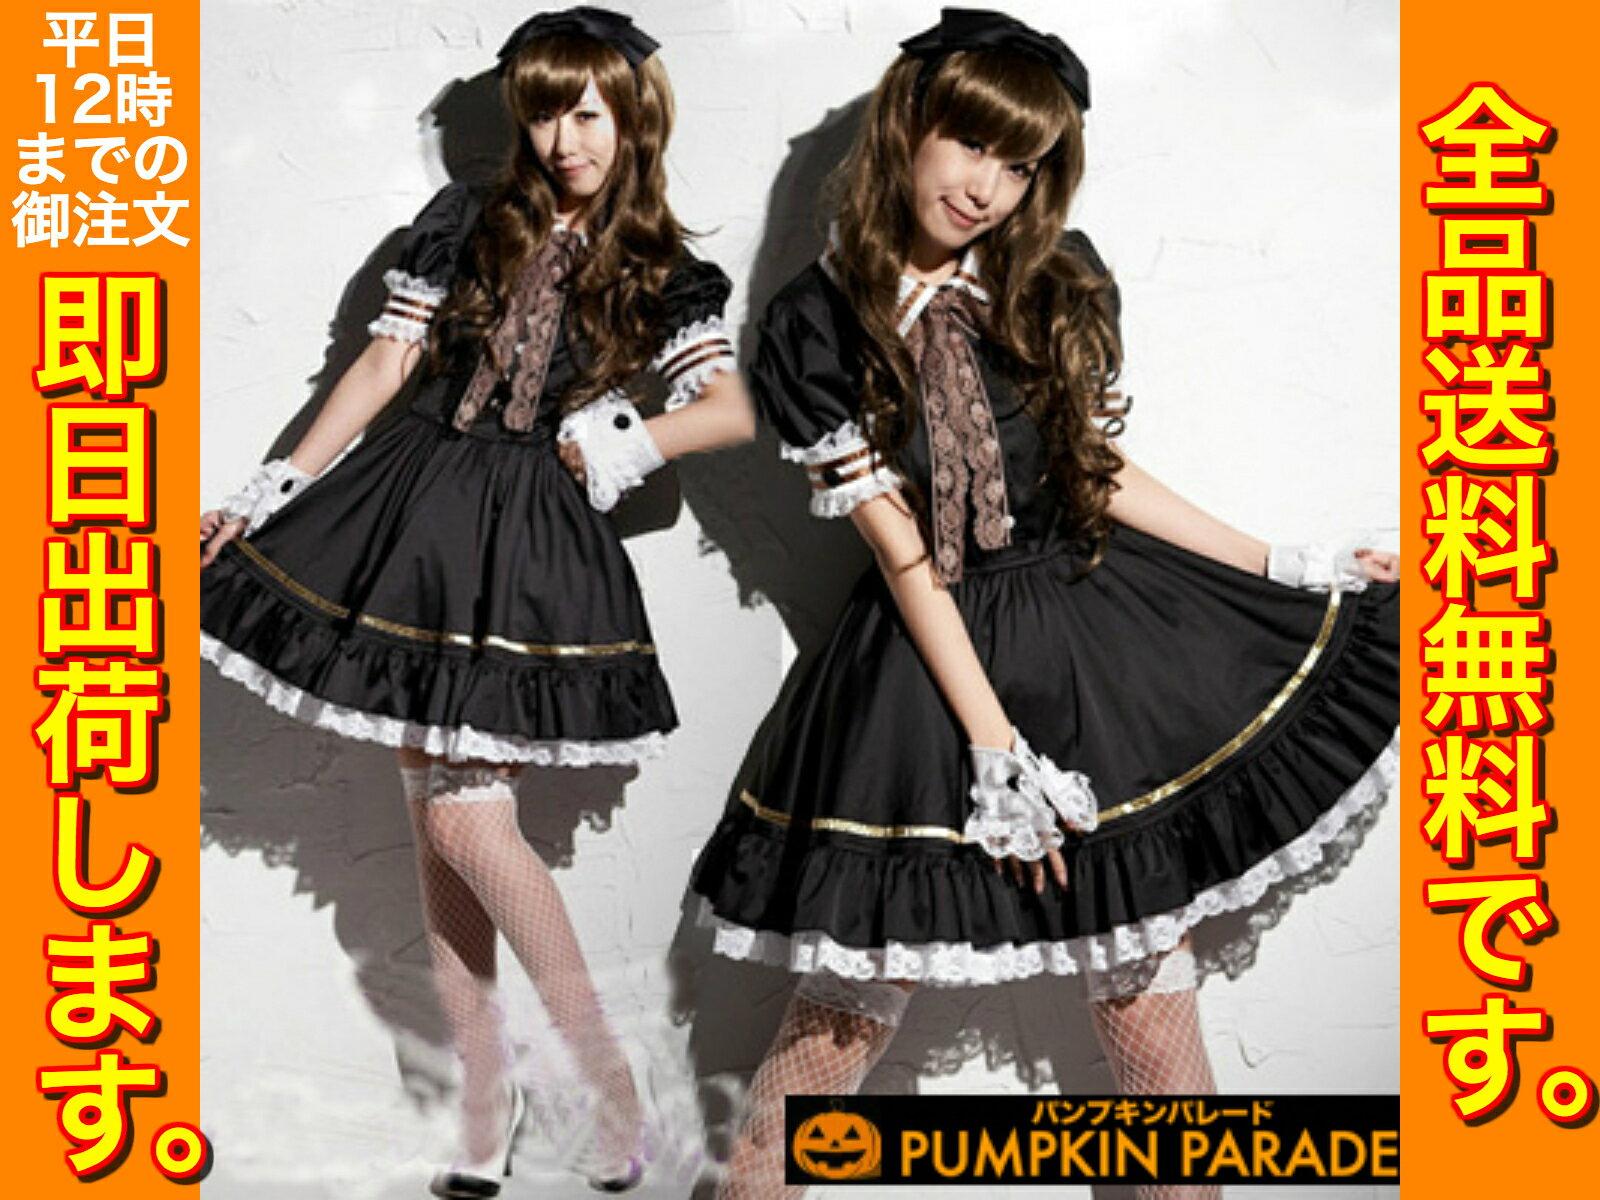 メール便送料無料 ハロウィン 衣装 XLサイズ メイド コスプレ 仮装 コスチューム かわいい お手軽3点セット メイド 大きいサイズ